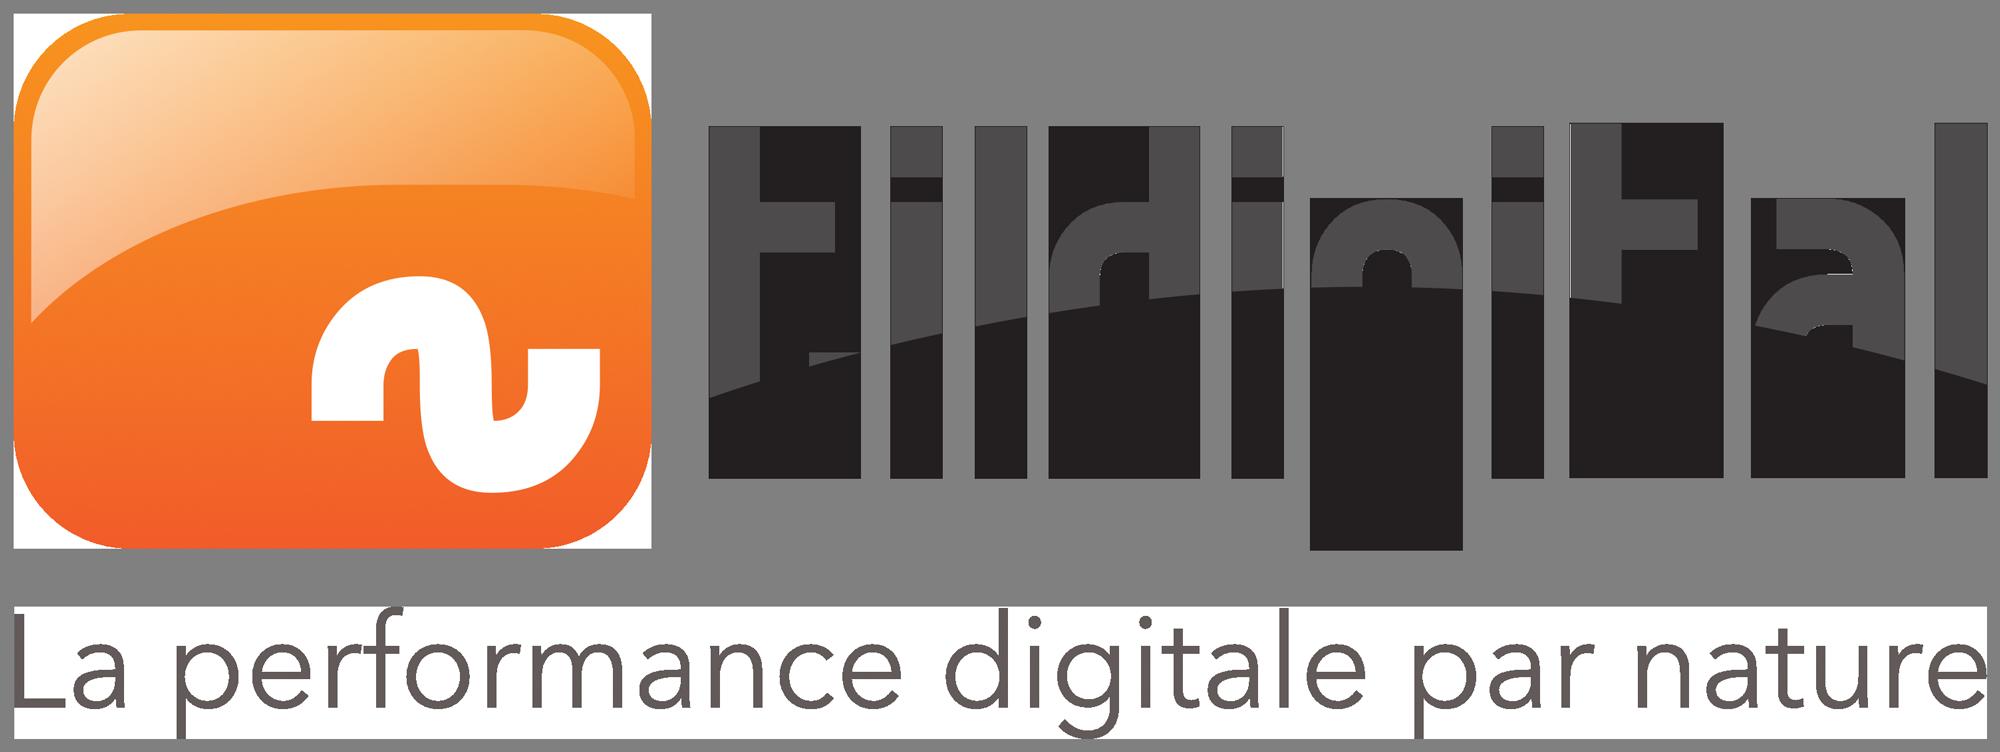 Tildigital